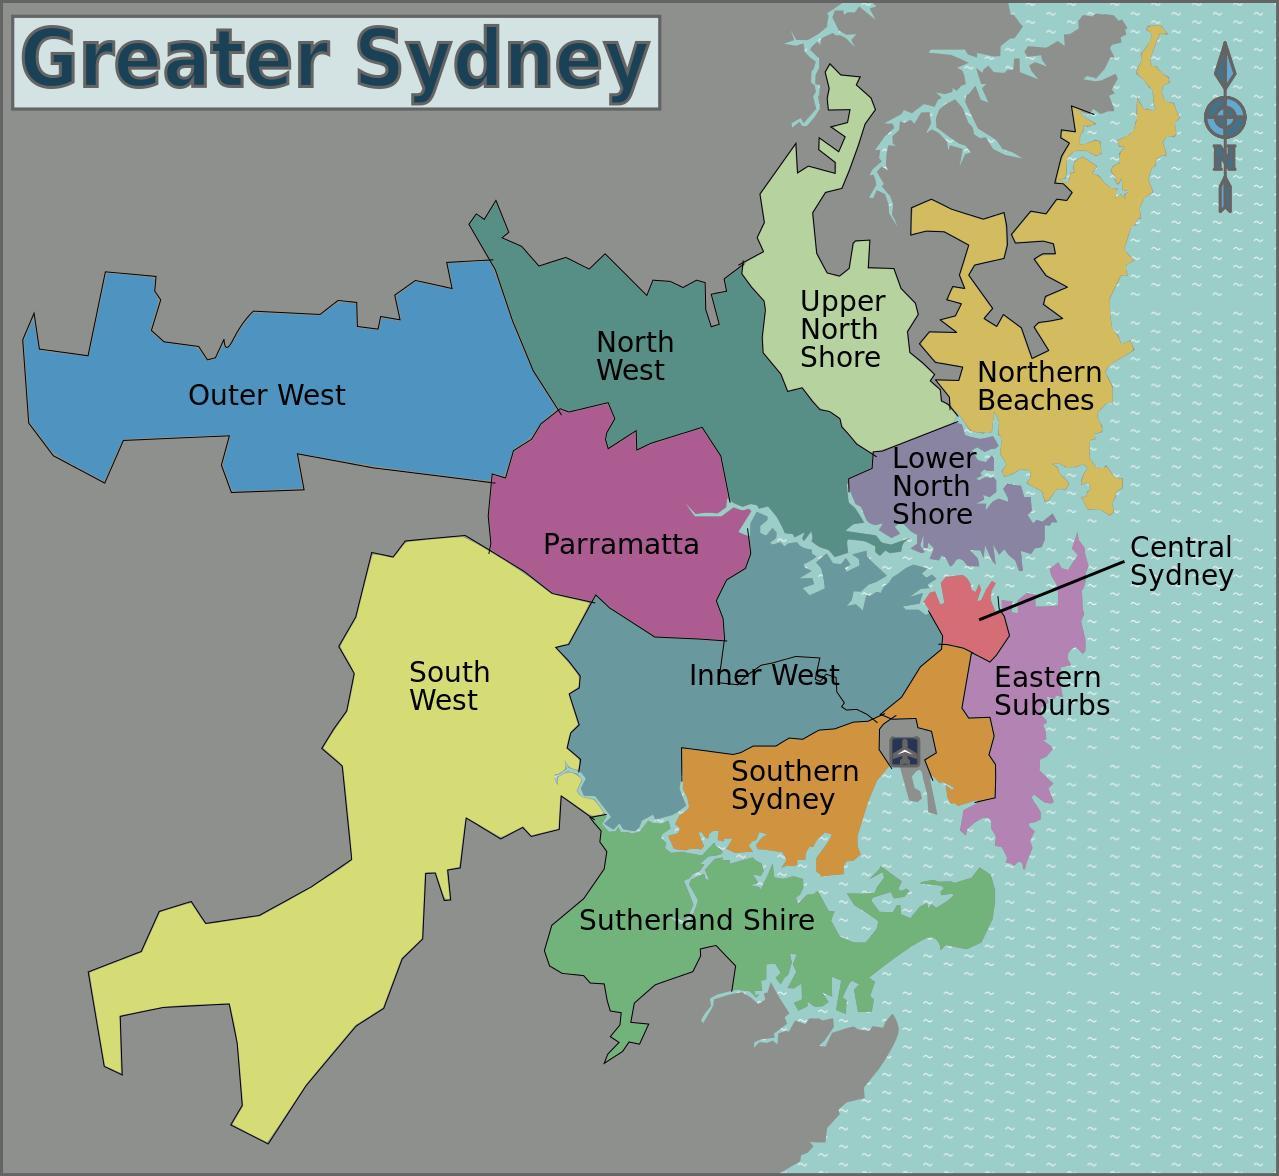 karta över sydney australien Sydney området   karta  Karta över sydney området (Australien) karta över sydney australien